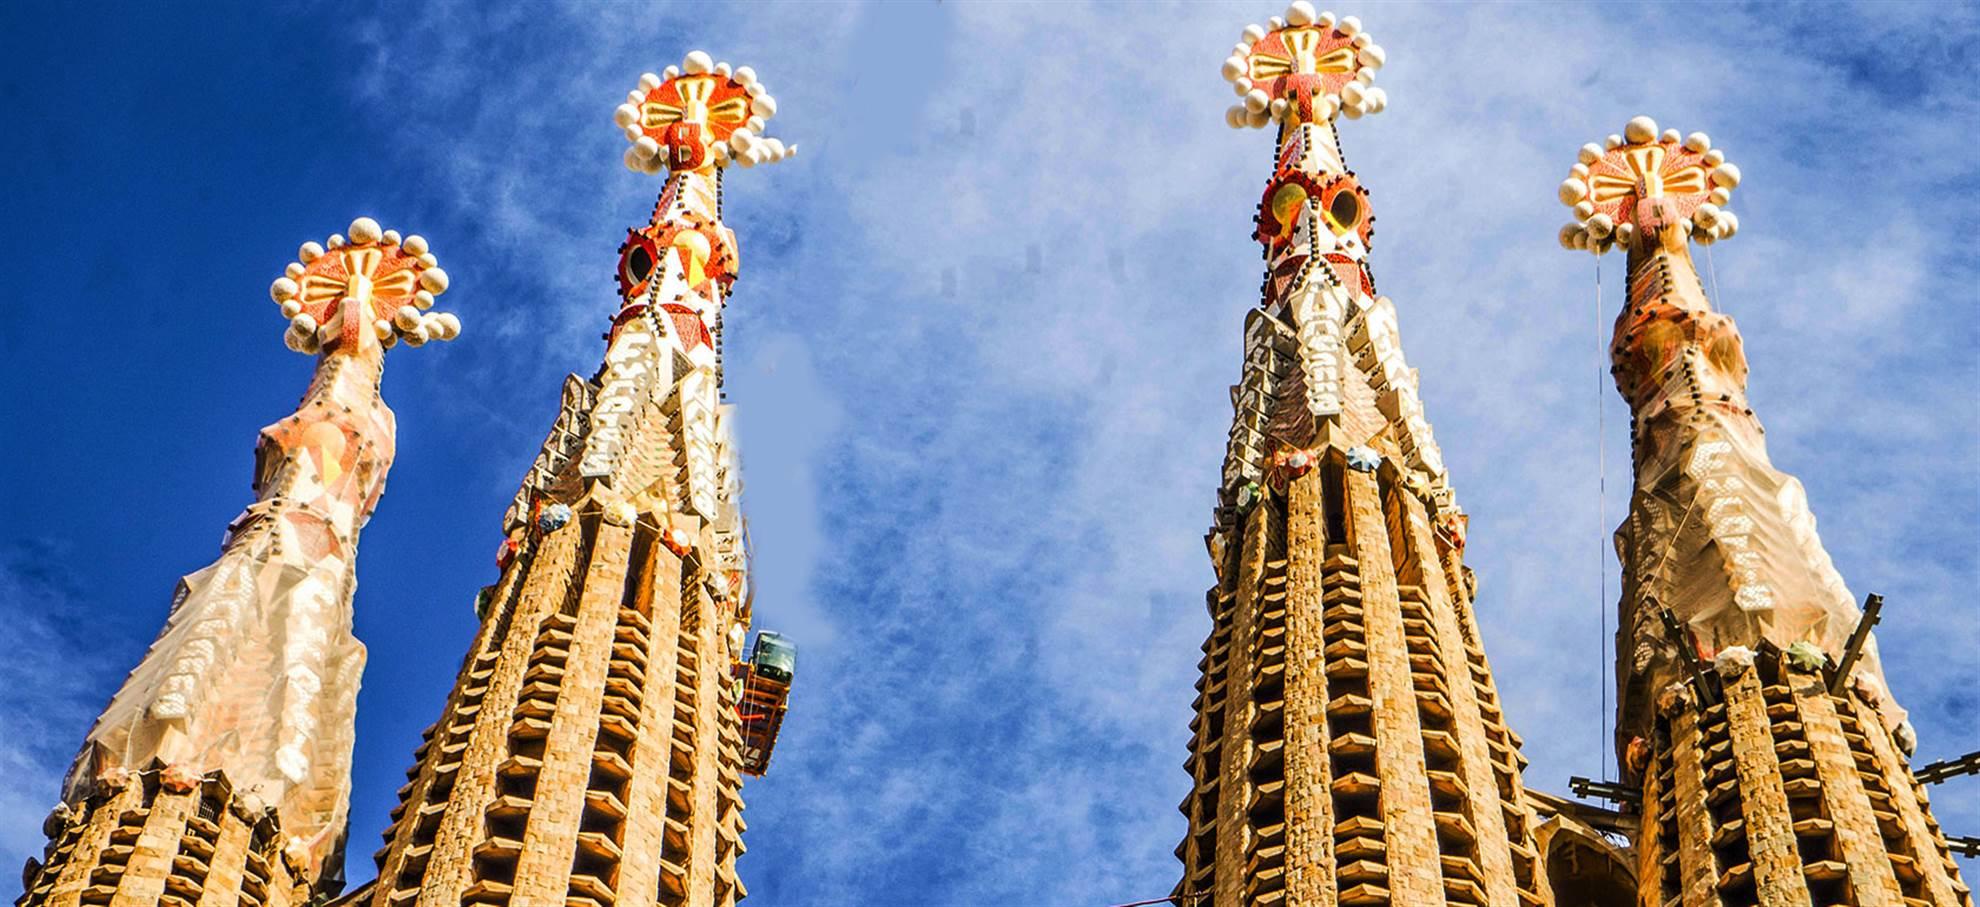 Sagrada Familia + Audioguida + Visita alle Torri